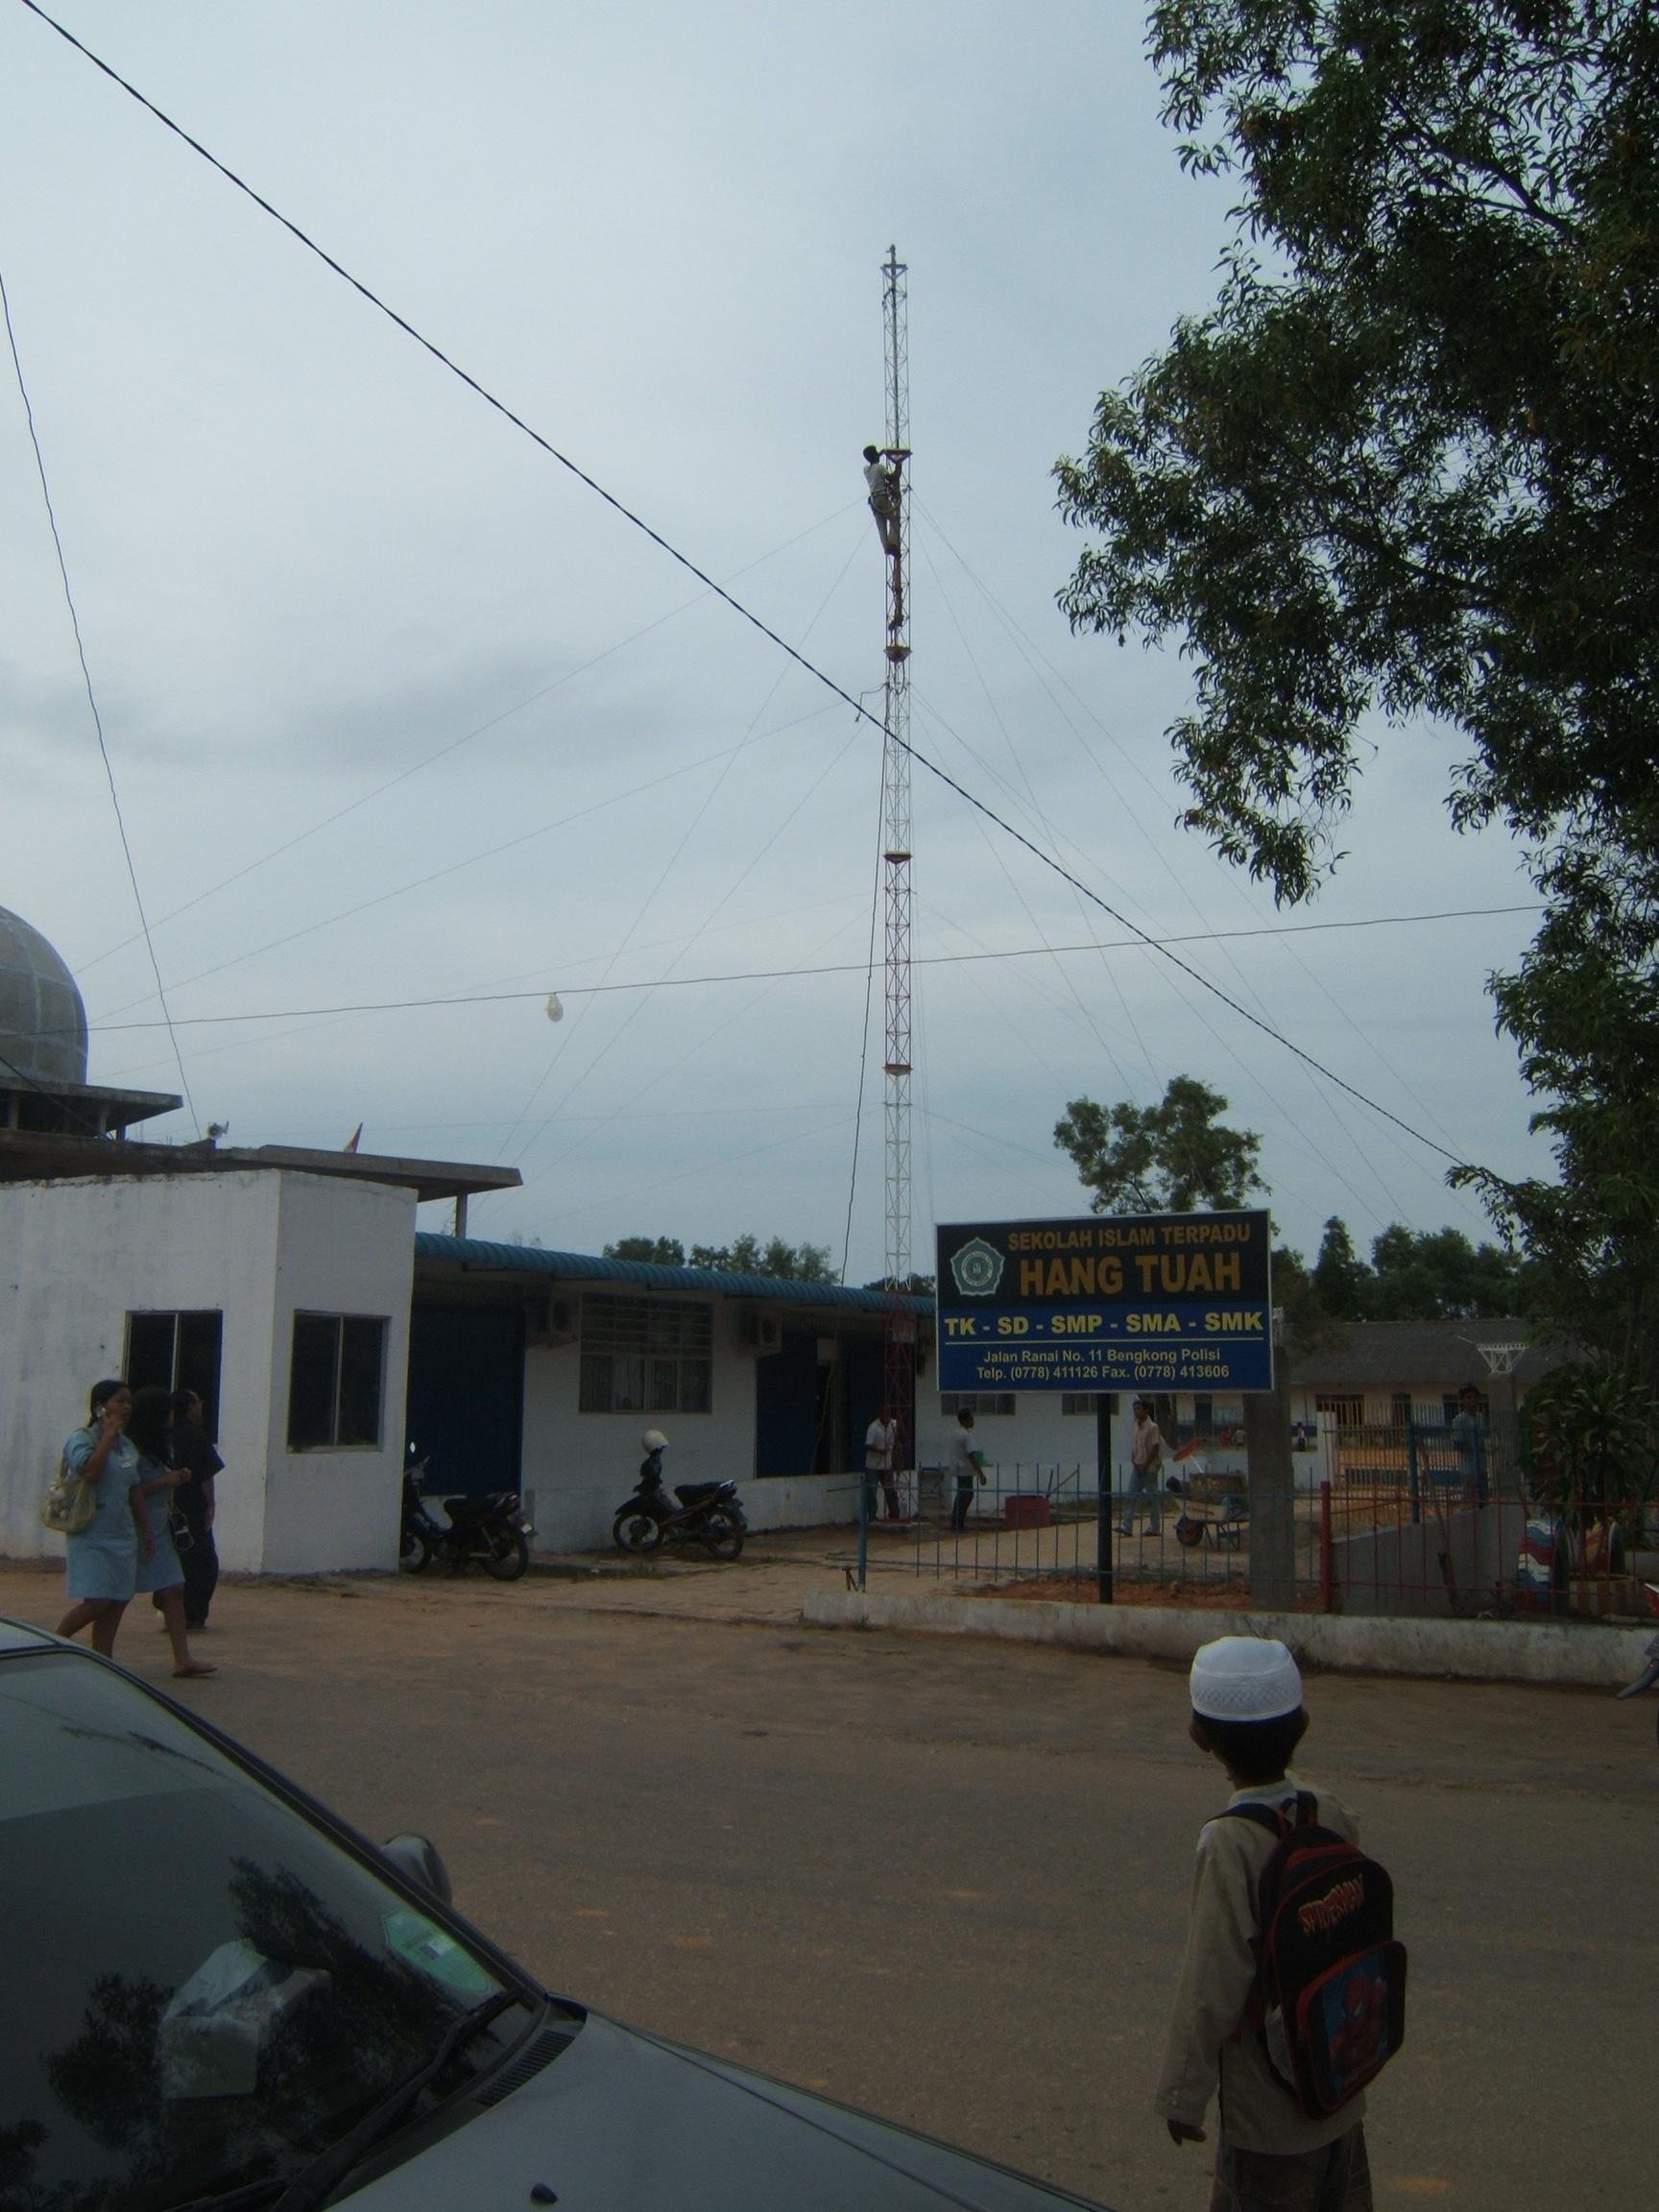 Tower antene tv hang tuah